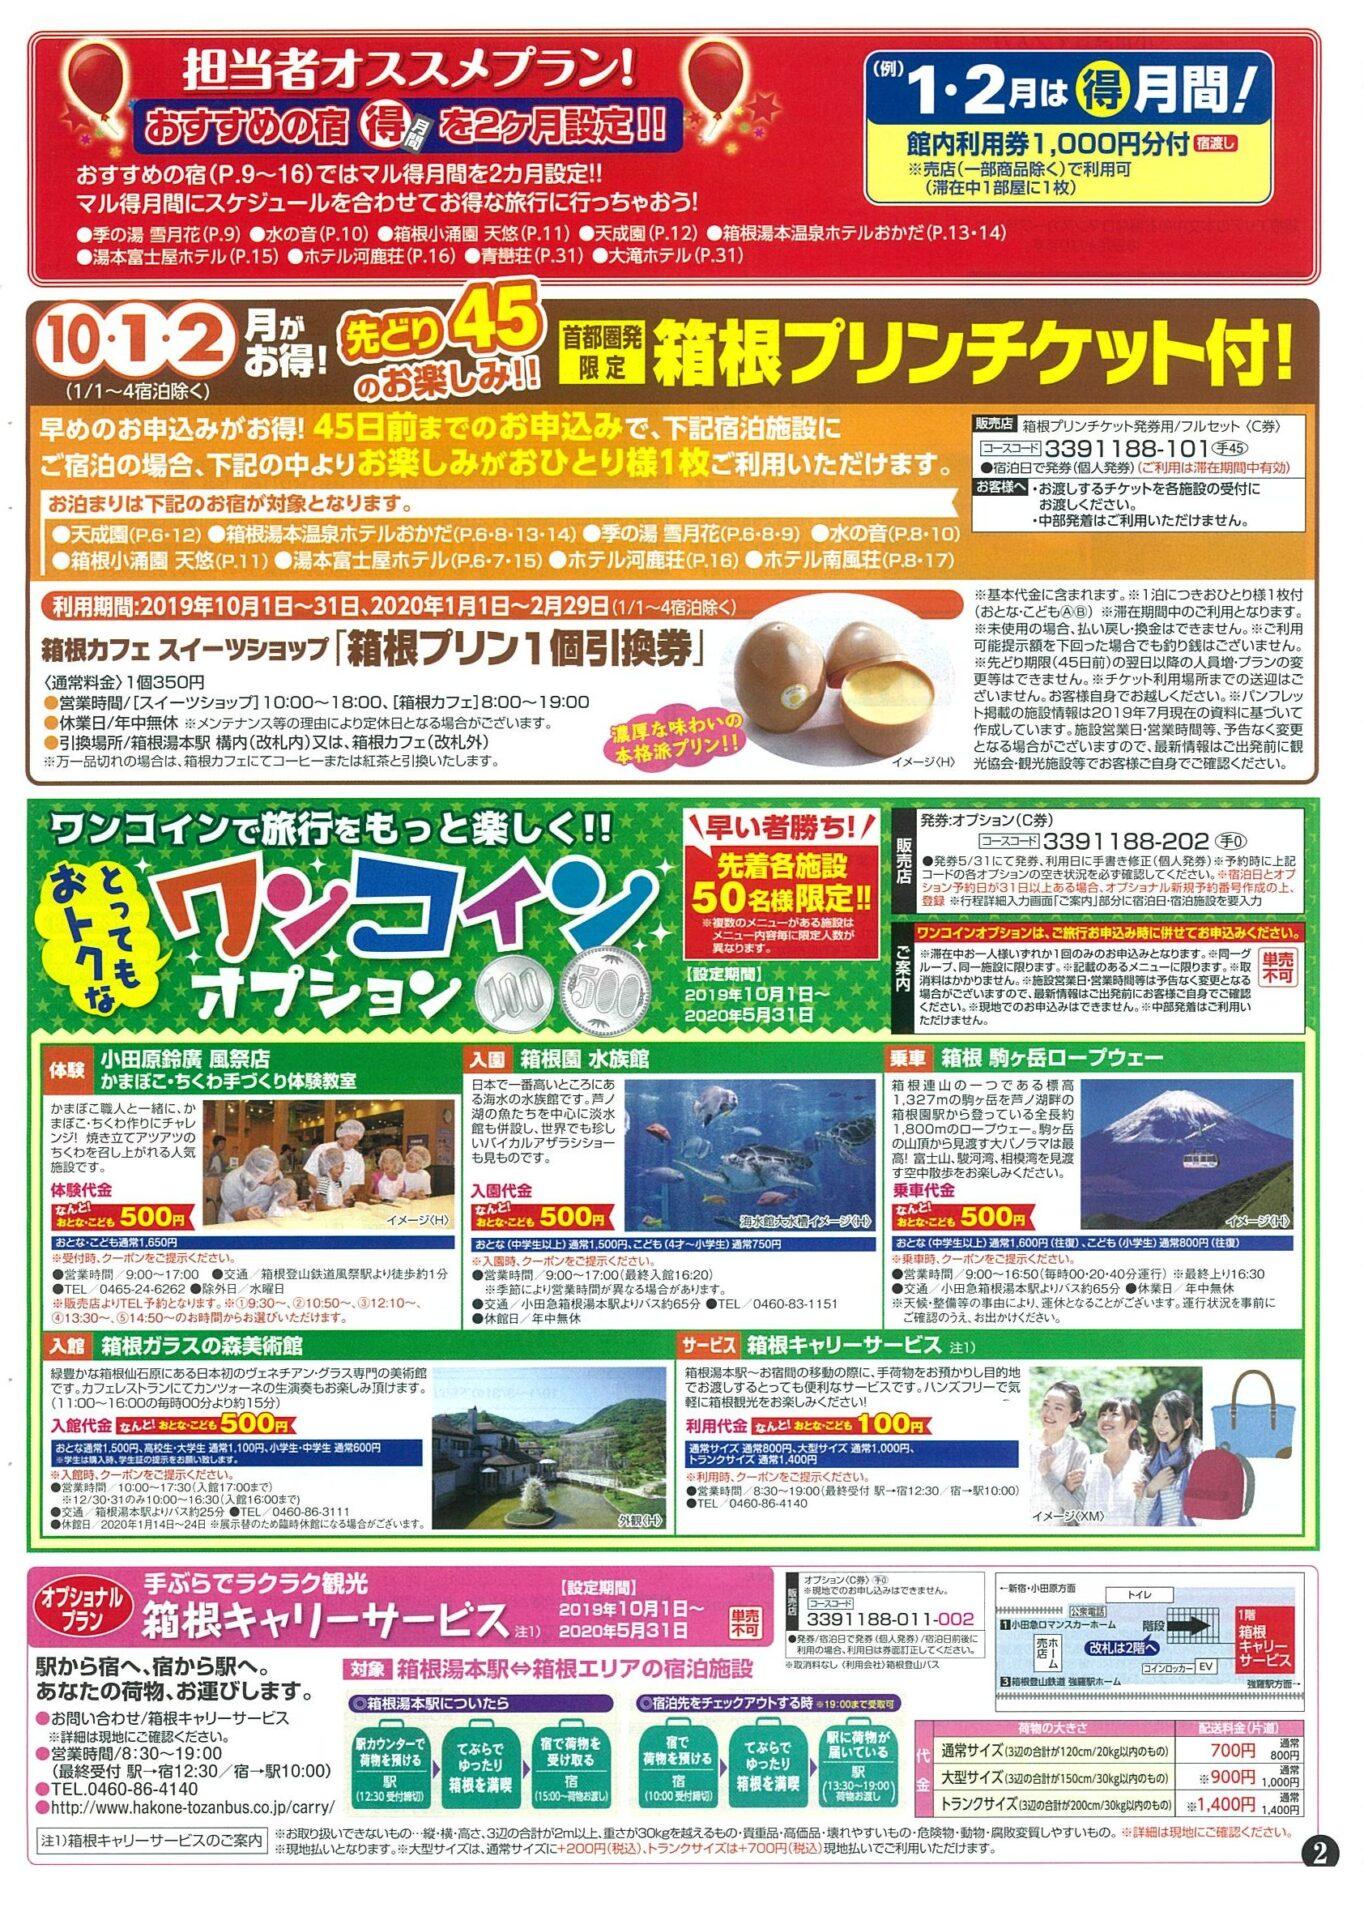 【旅コレクション】箱根・湯河原へ行こう